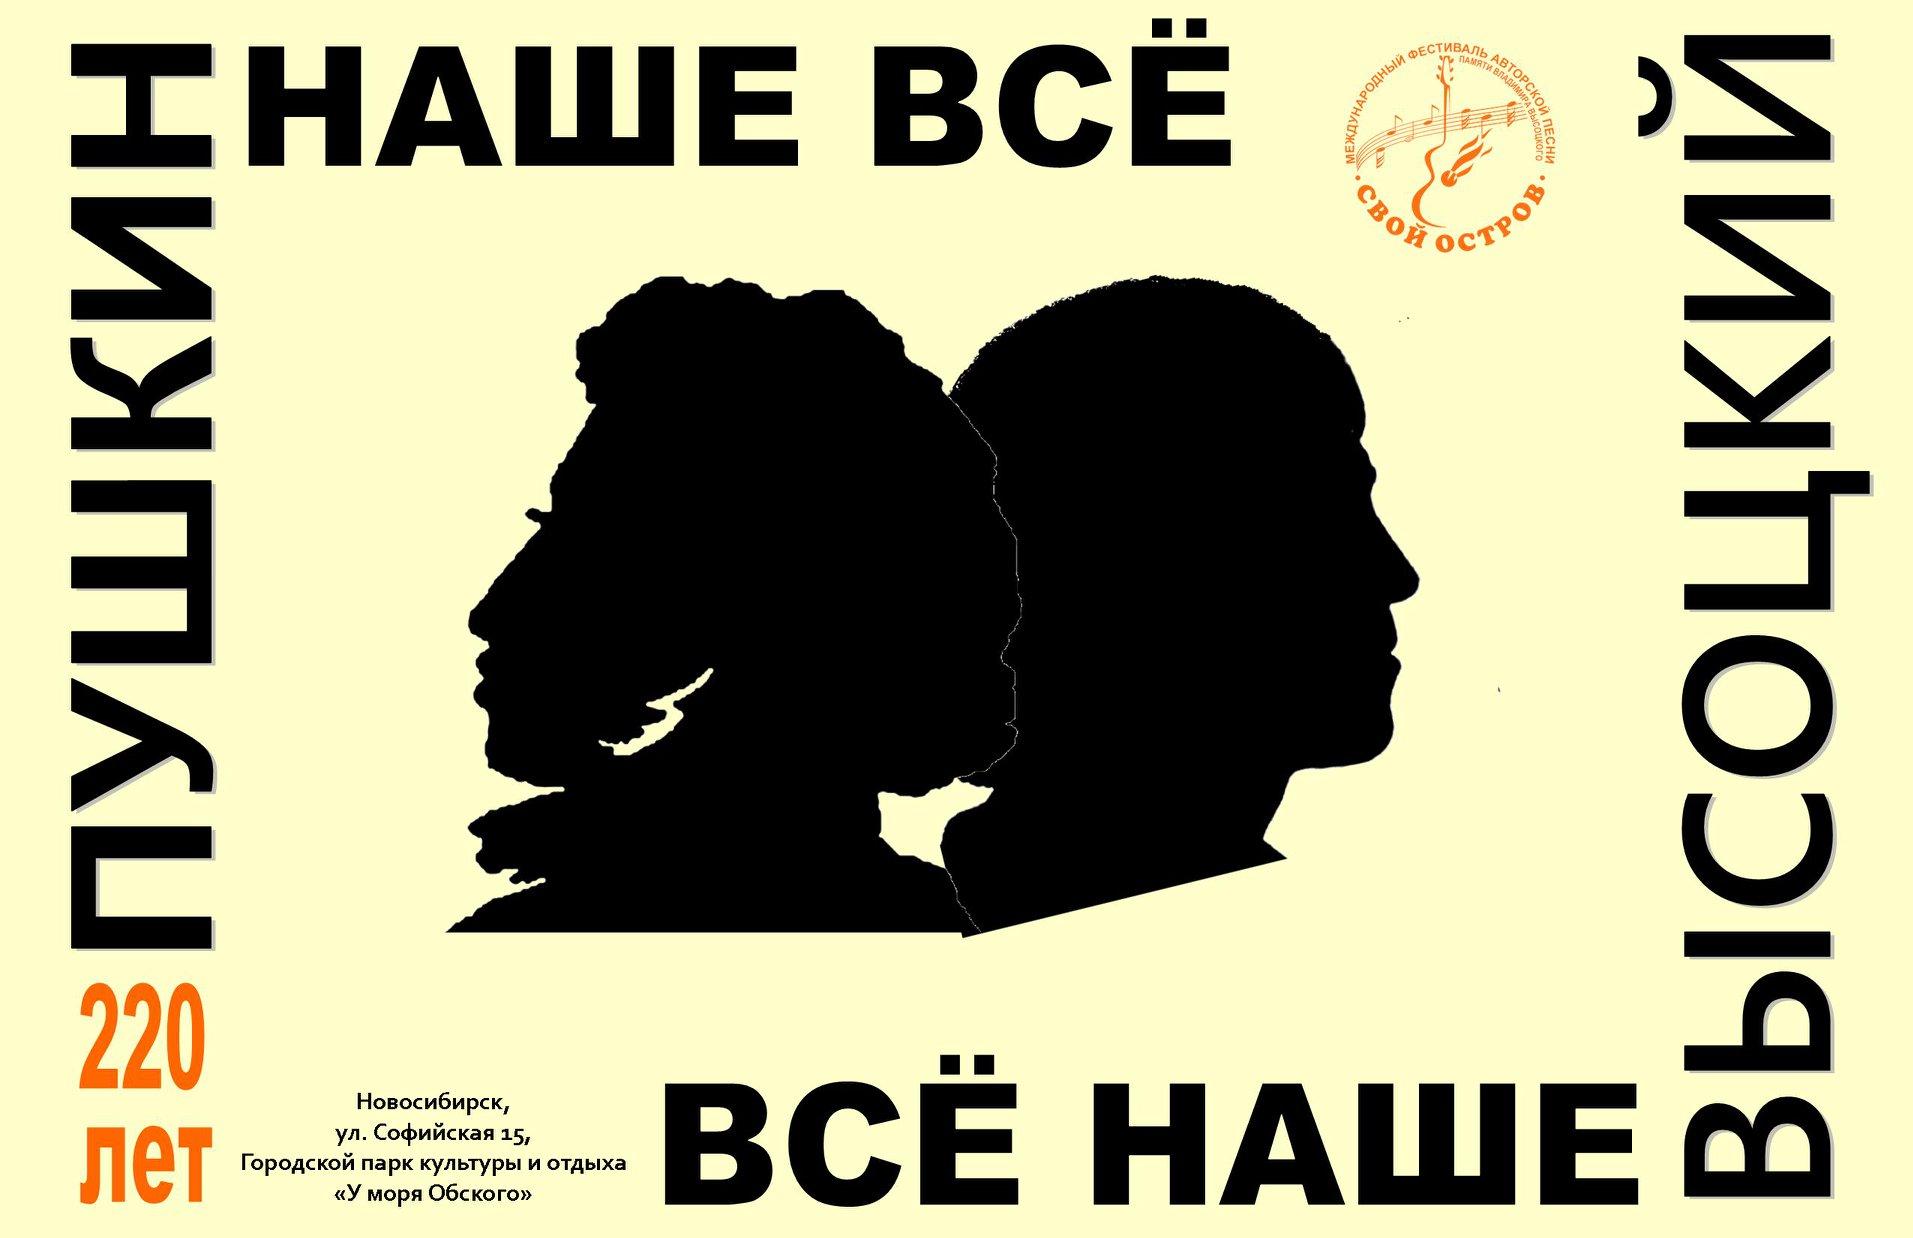 Пушкин - наше всё Высоцкий - всё наше